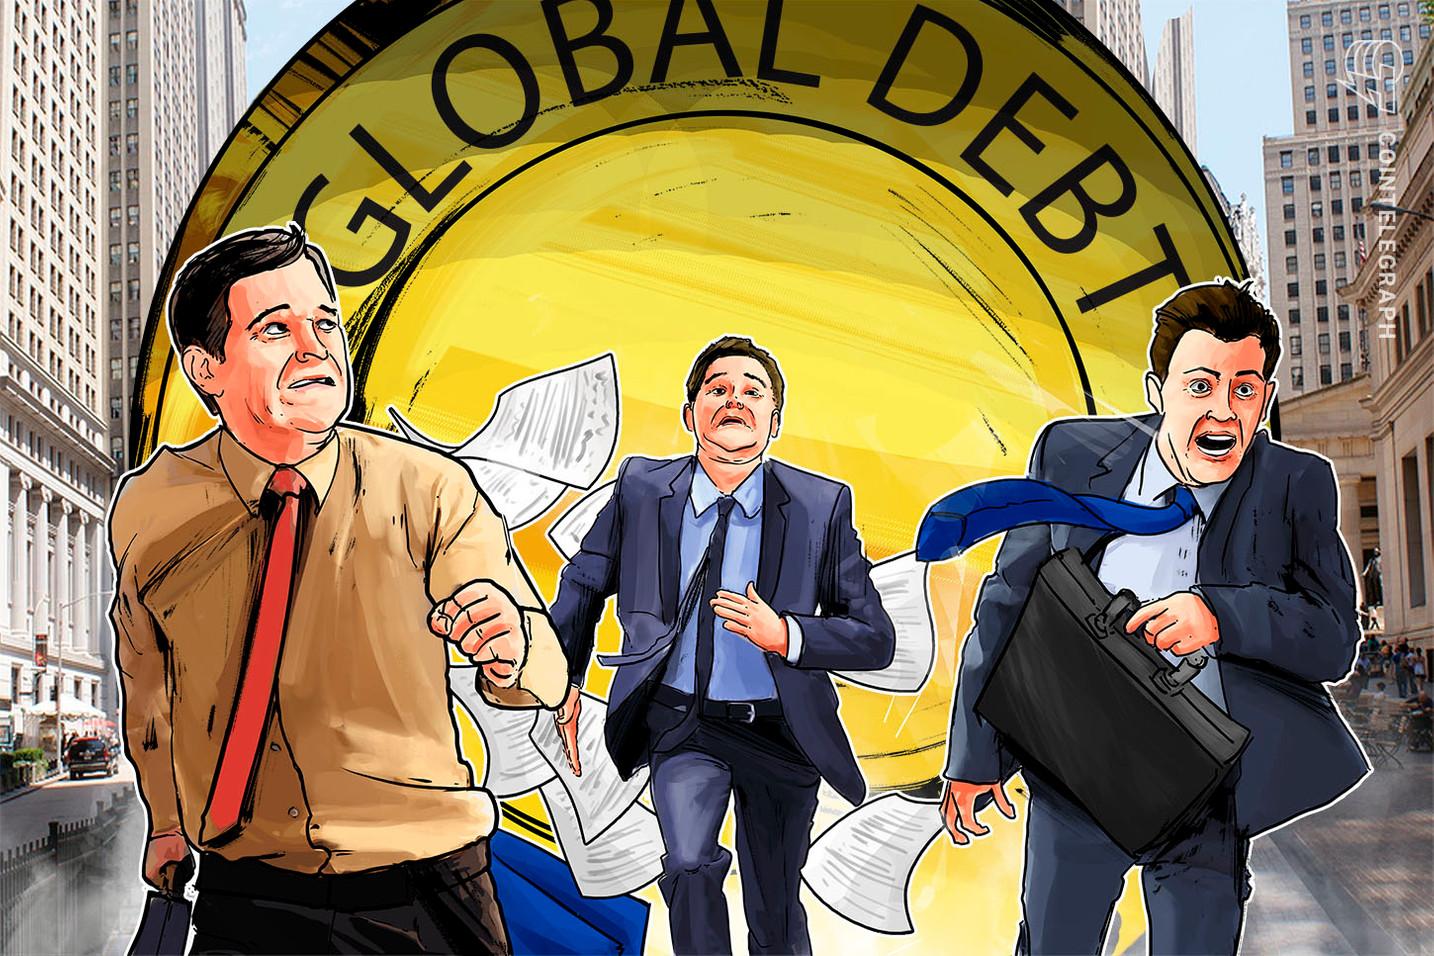 """""""Plan A ist gescheitert"""" – Globale Verschuldung auf 255 Billionen bzw. 12,1 Mio. US-Dollar per Bitcoin gestiegen"""